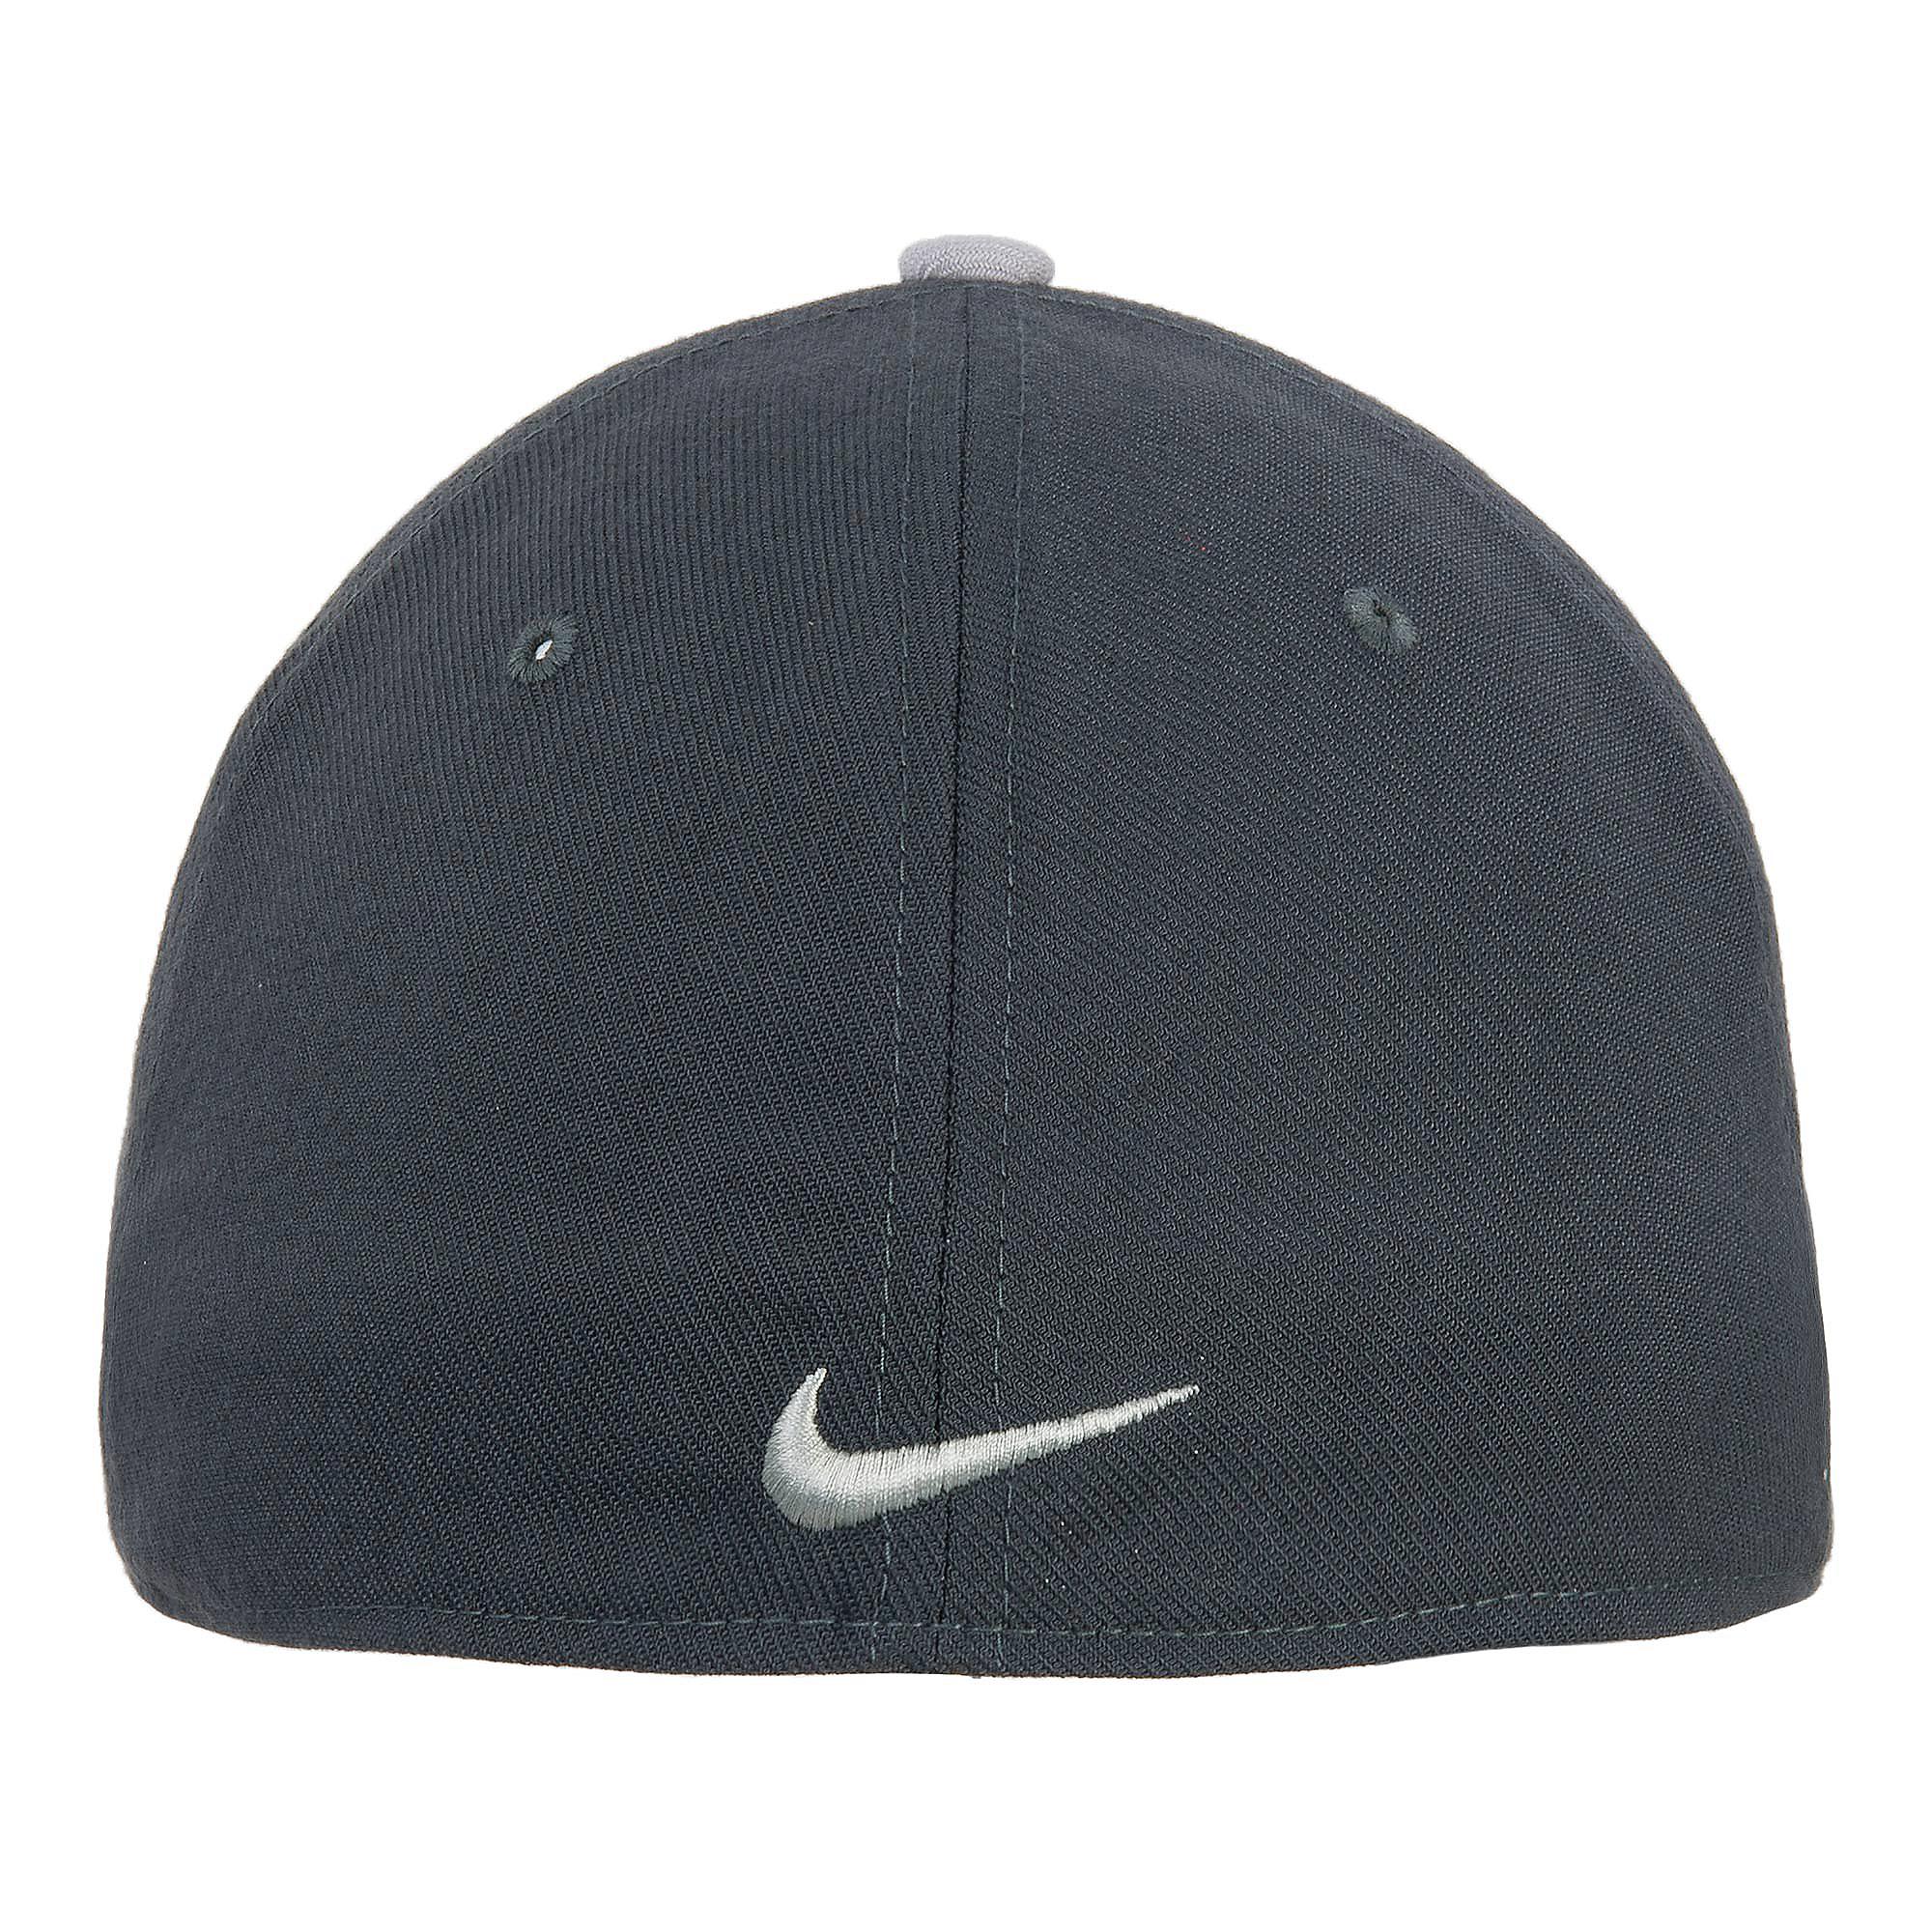 Dallas Cowboys Nike L91 Print Swooshflex Cap ... 558d5ee9112